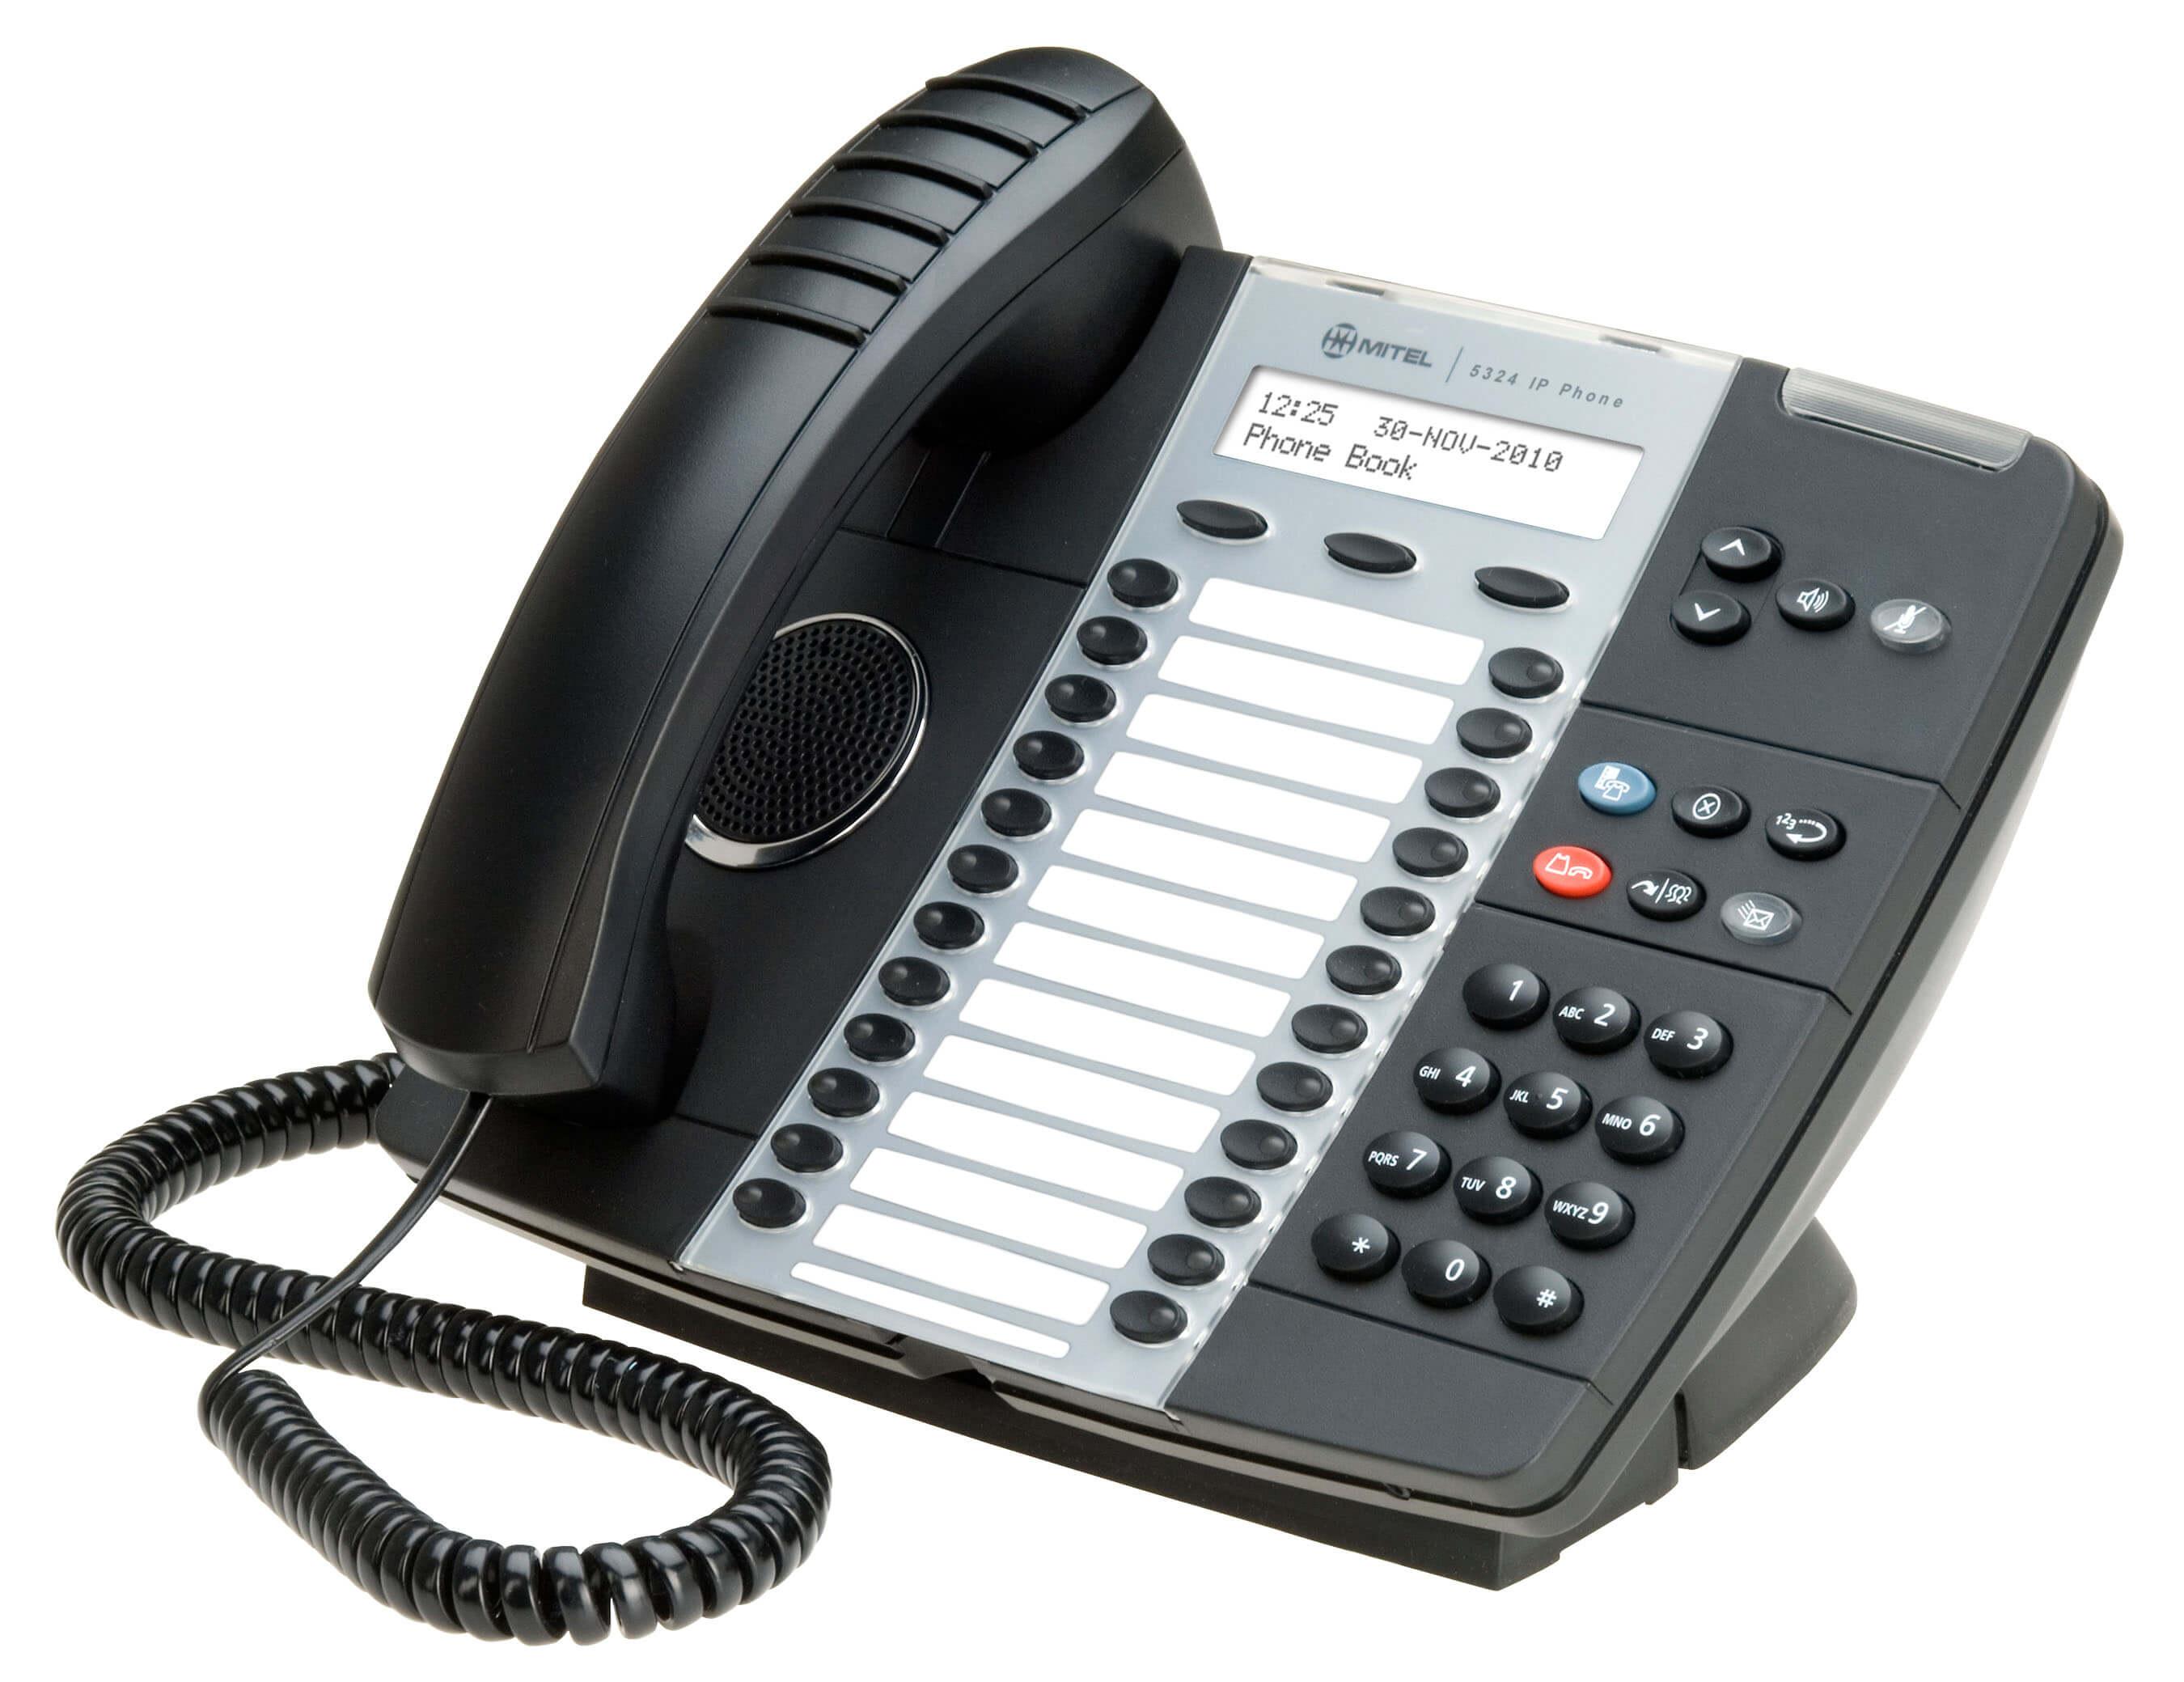 Mitel MiVoice 5324 IP Phone